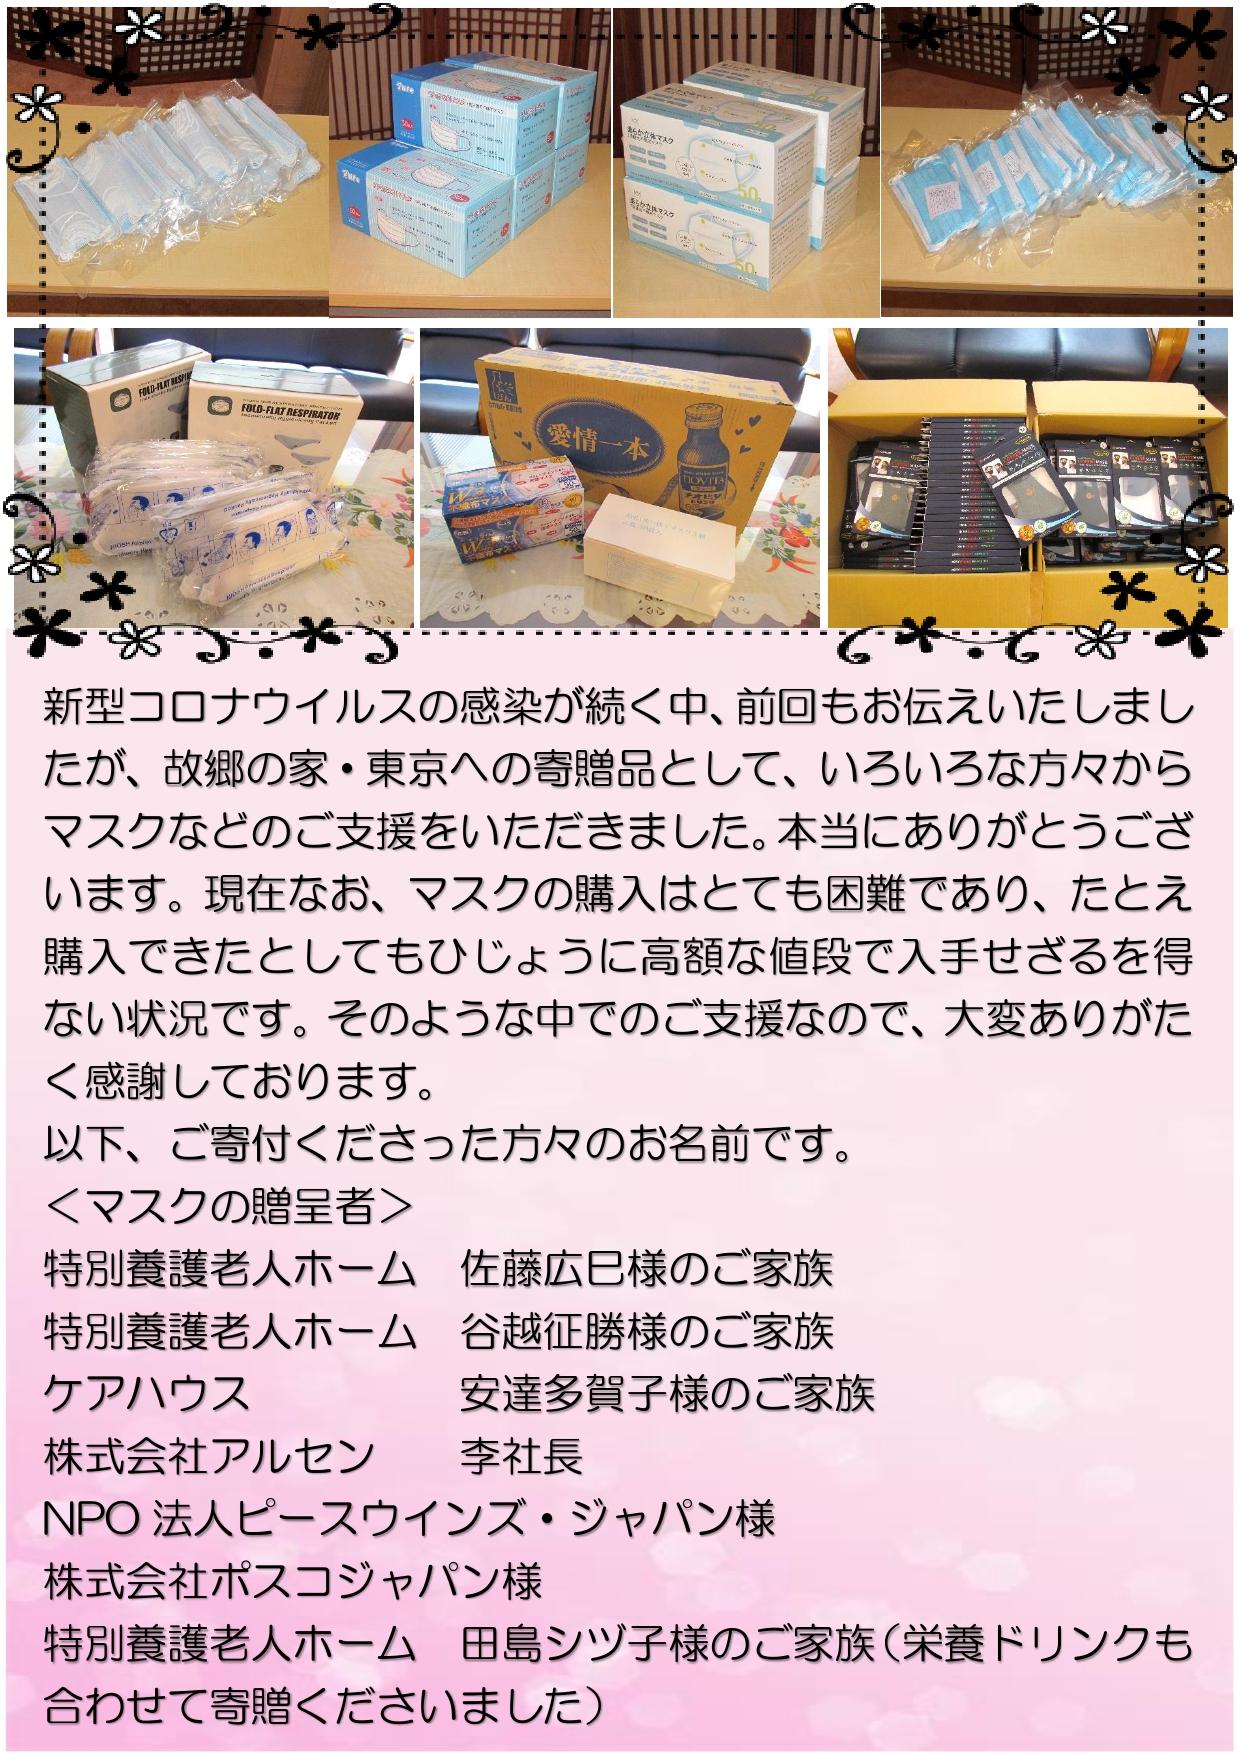 マスク贈呈ブログ_page-0002